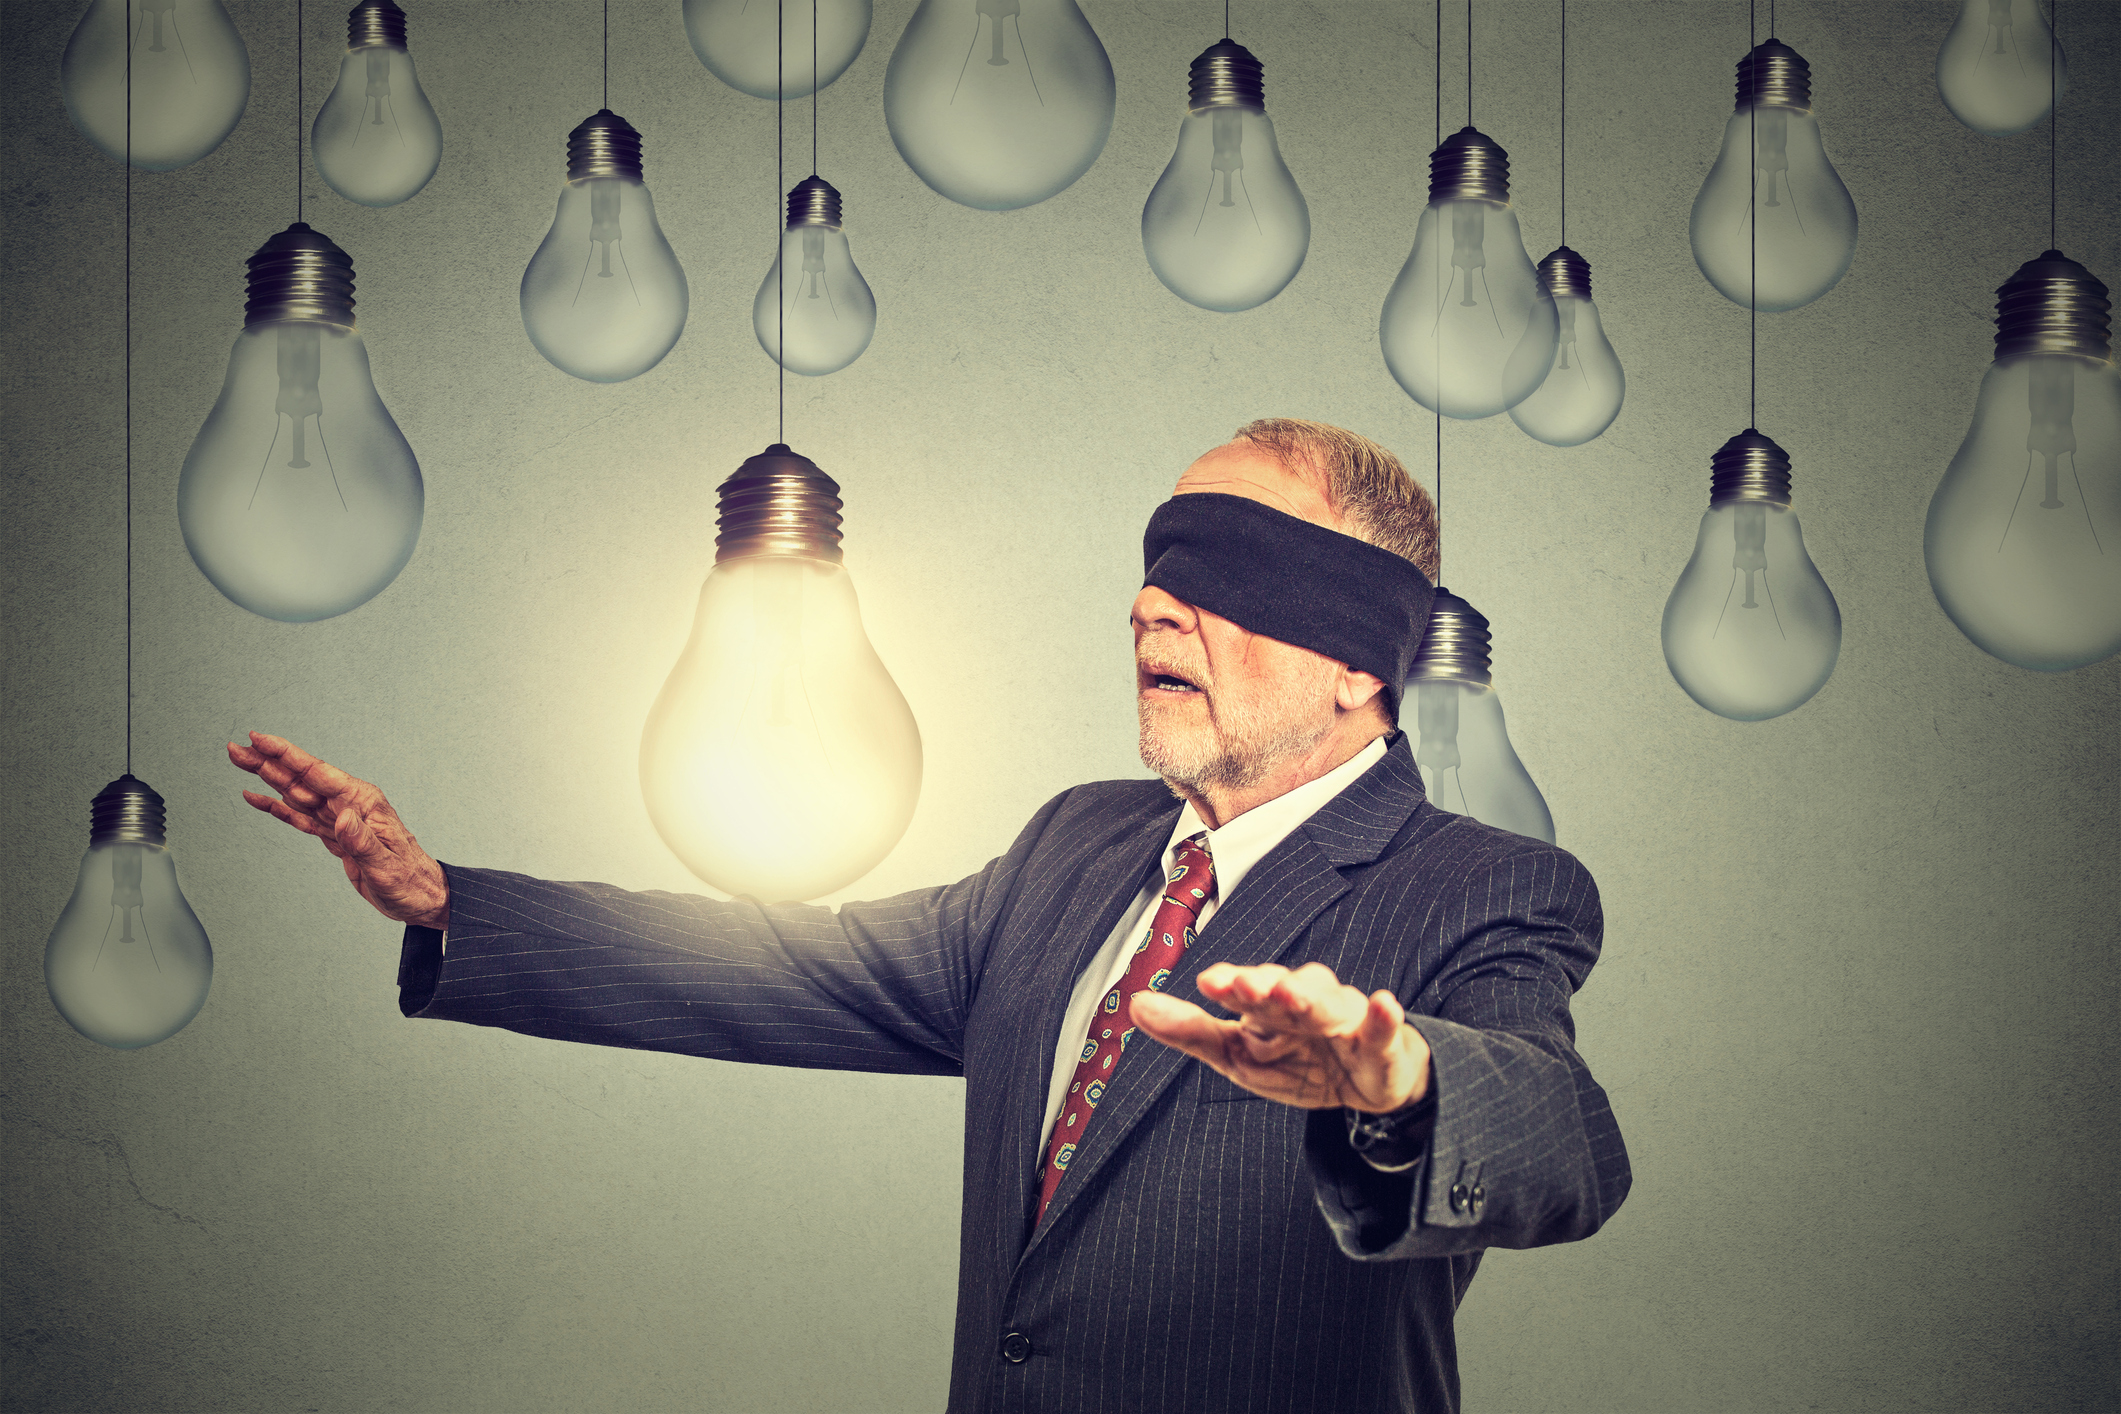 Você precisa iluminar a sua vida financeira?3 min read